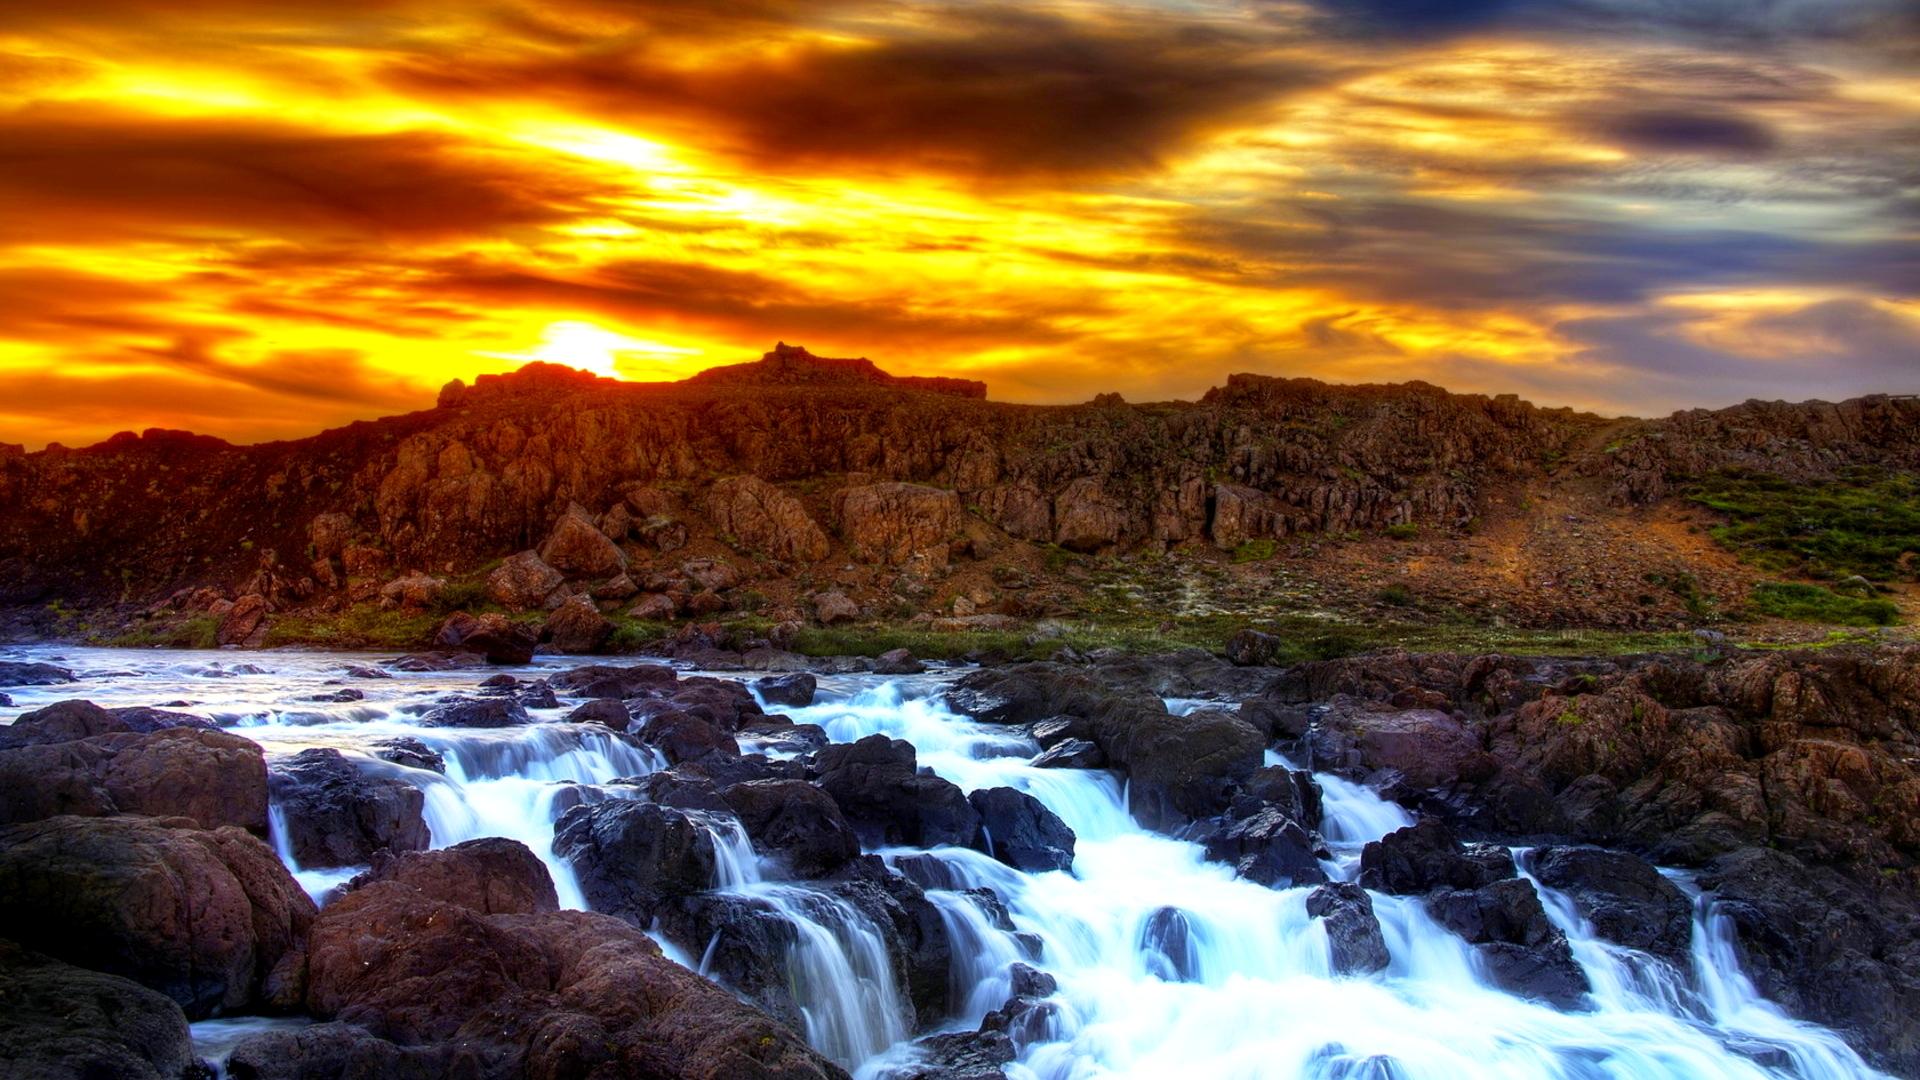 waterfalls wallpaper fantastic